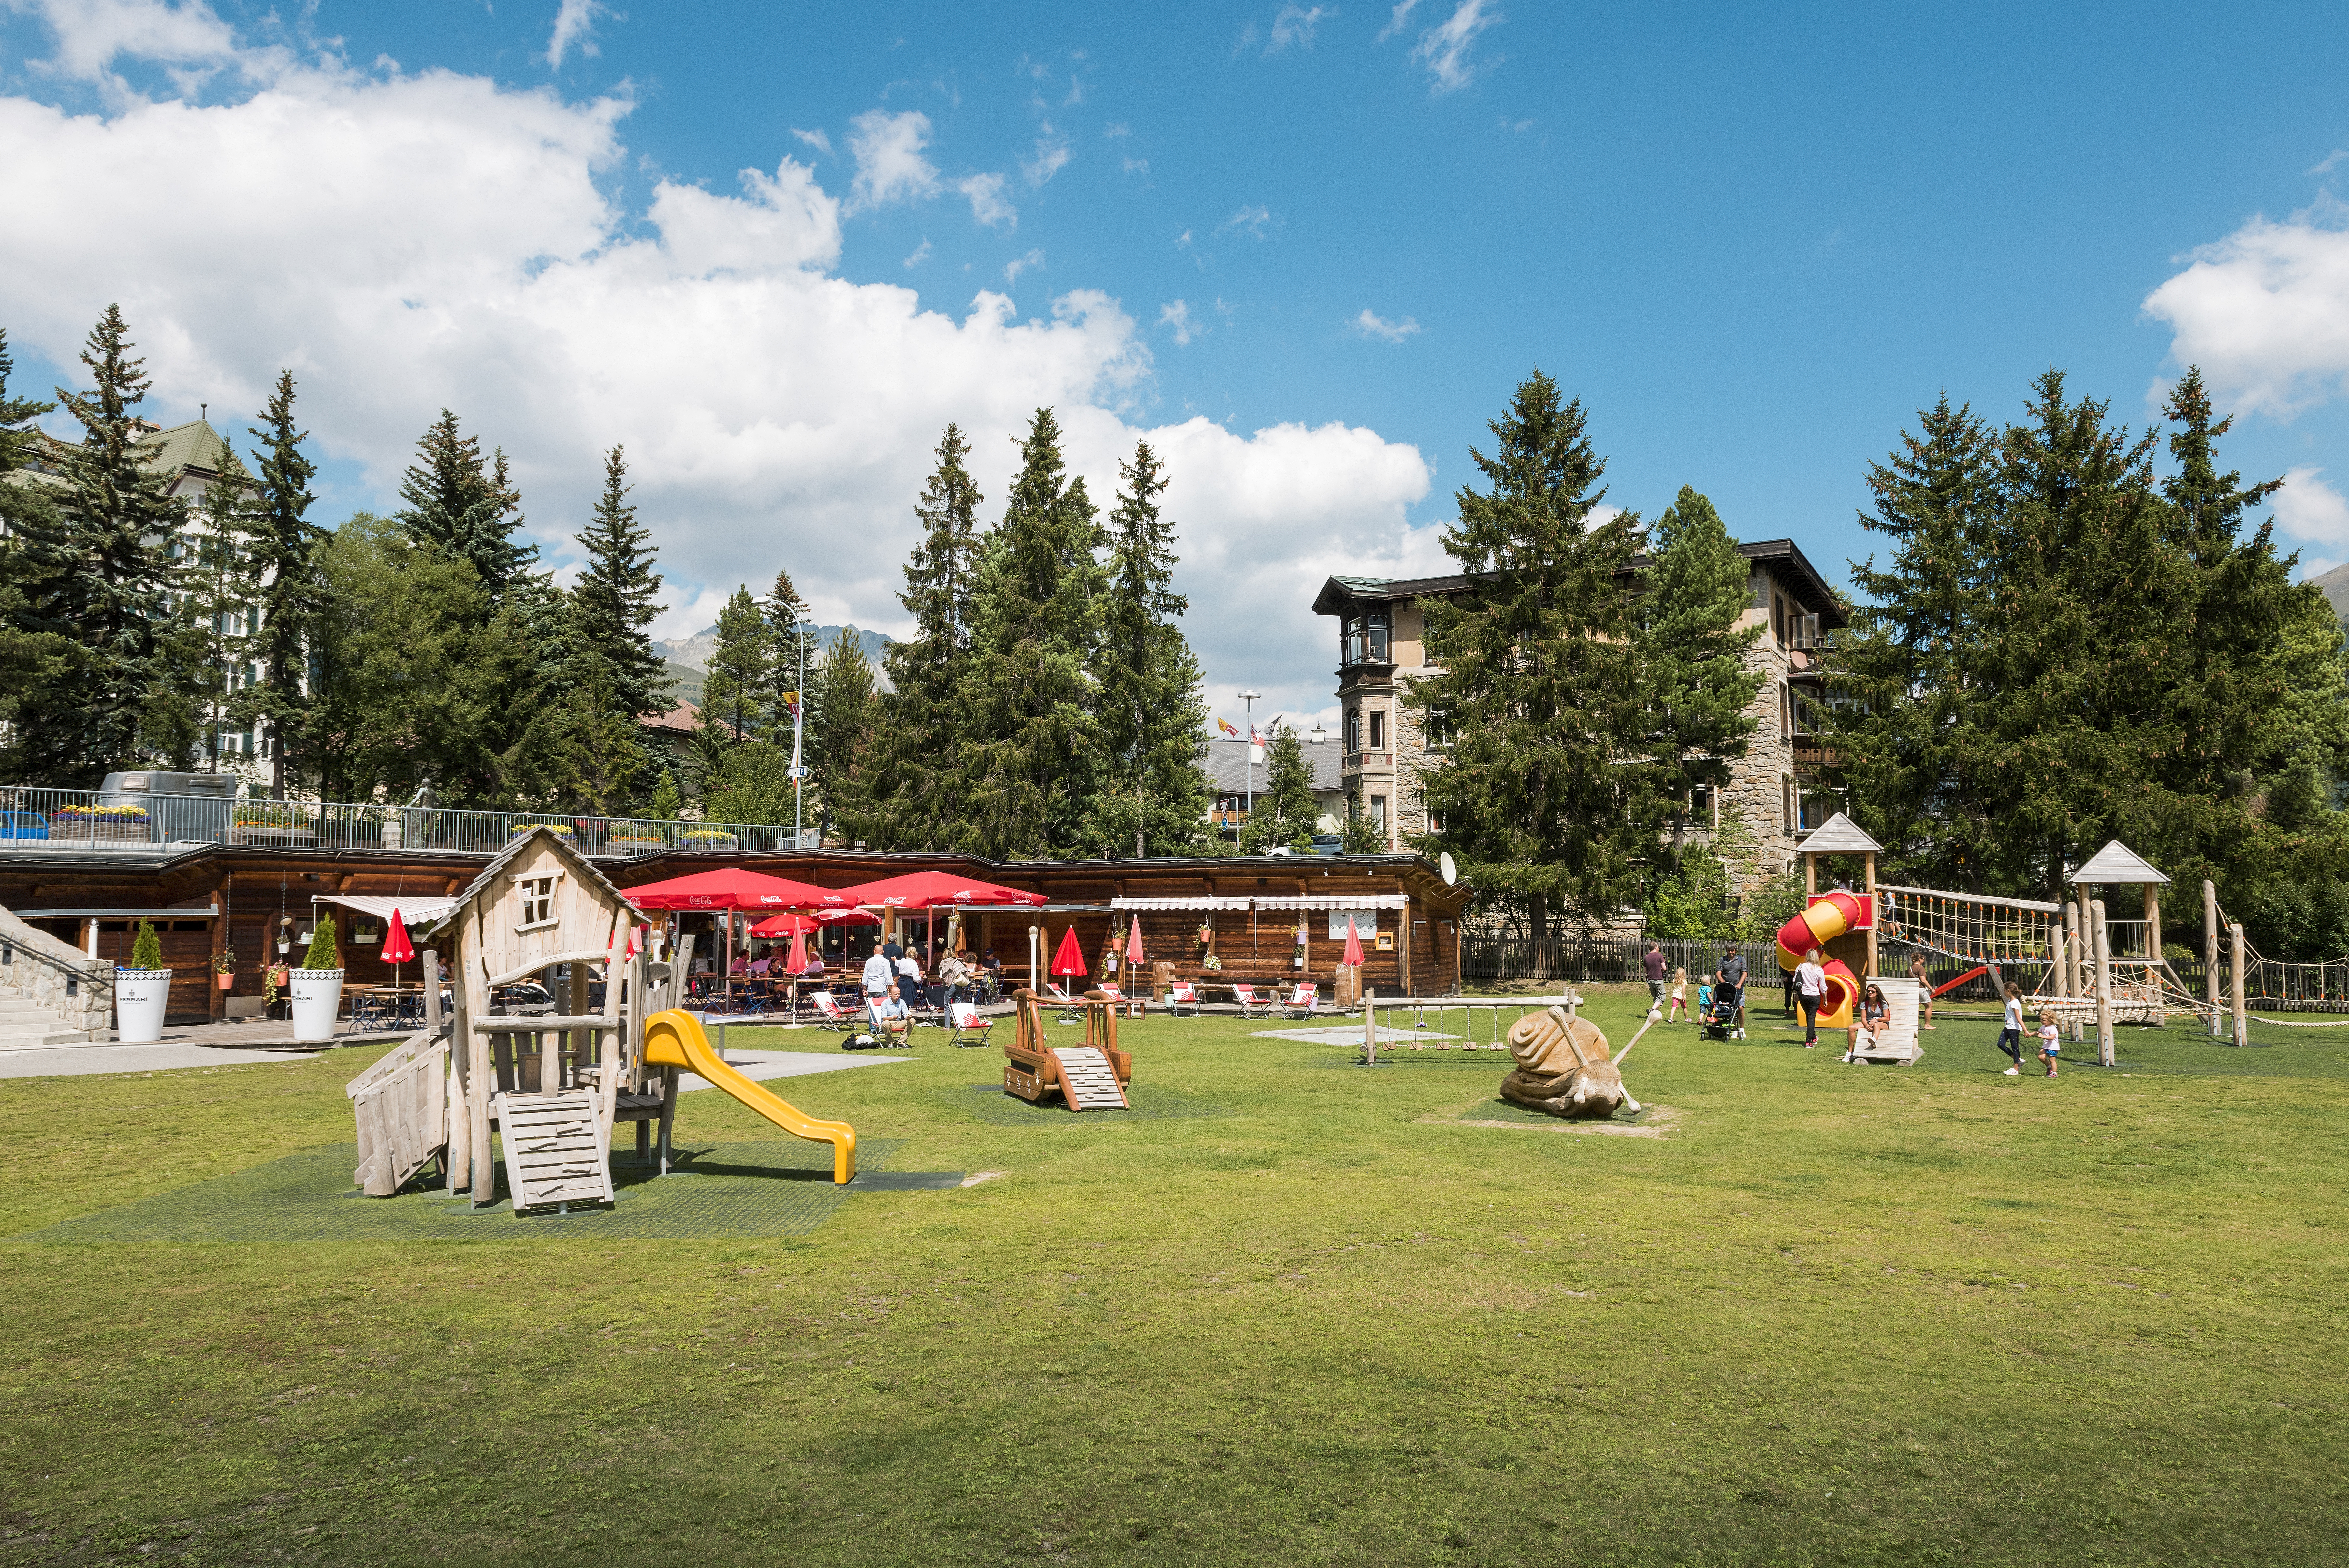 Kinderspielplatz beim Center da Sport Slide 7